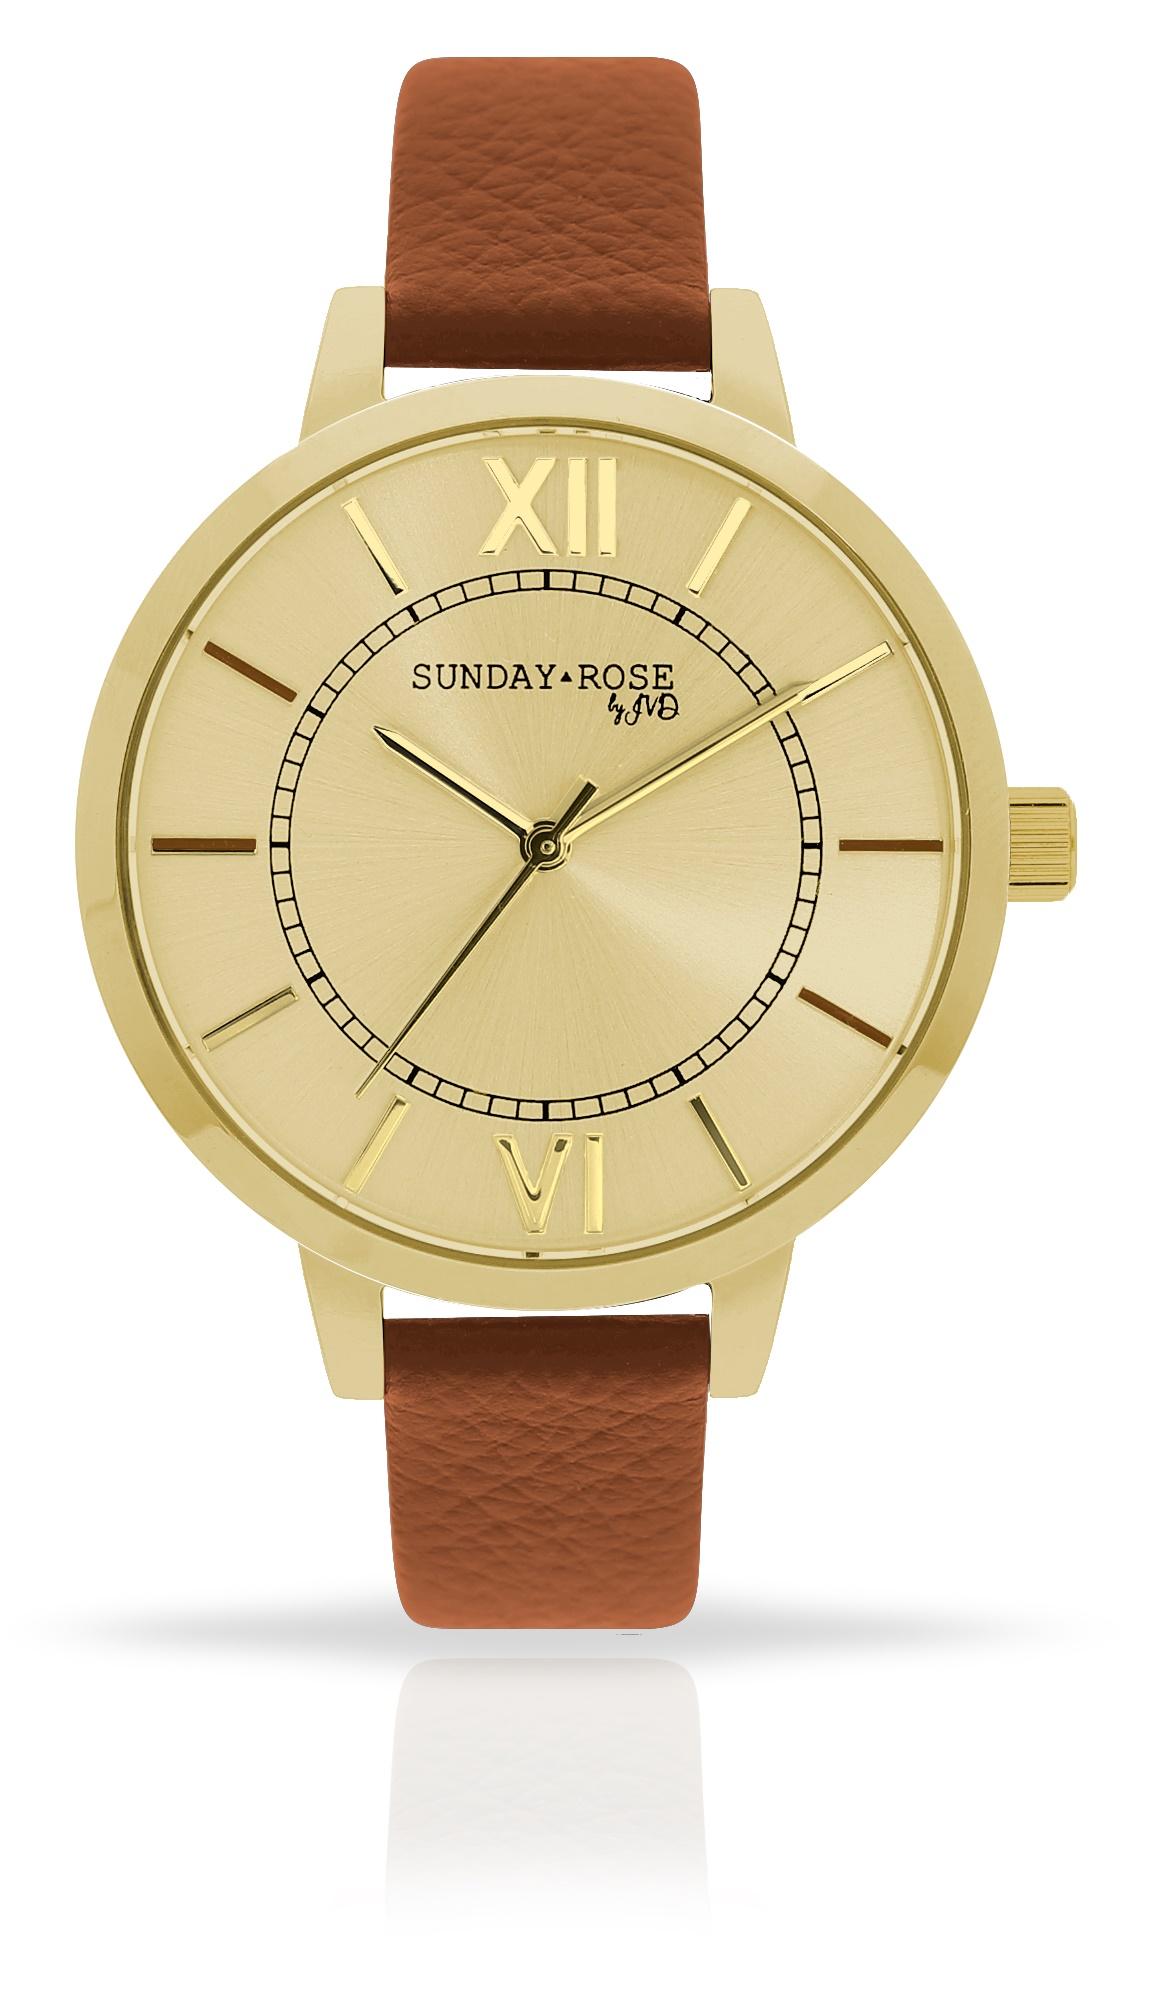 Dámské luxusní designové hodinky SUNDAY ROSE Classic GOLDEN BROWN (POŠTOVNÉ ZDARMA!!)